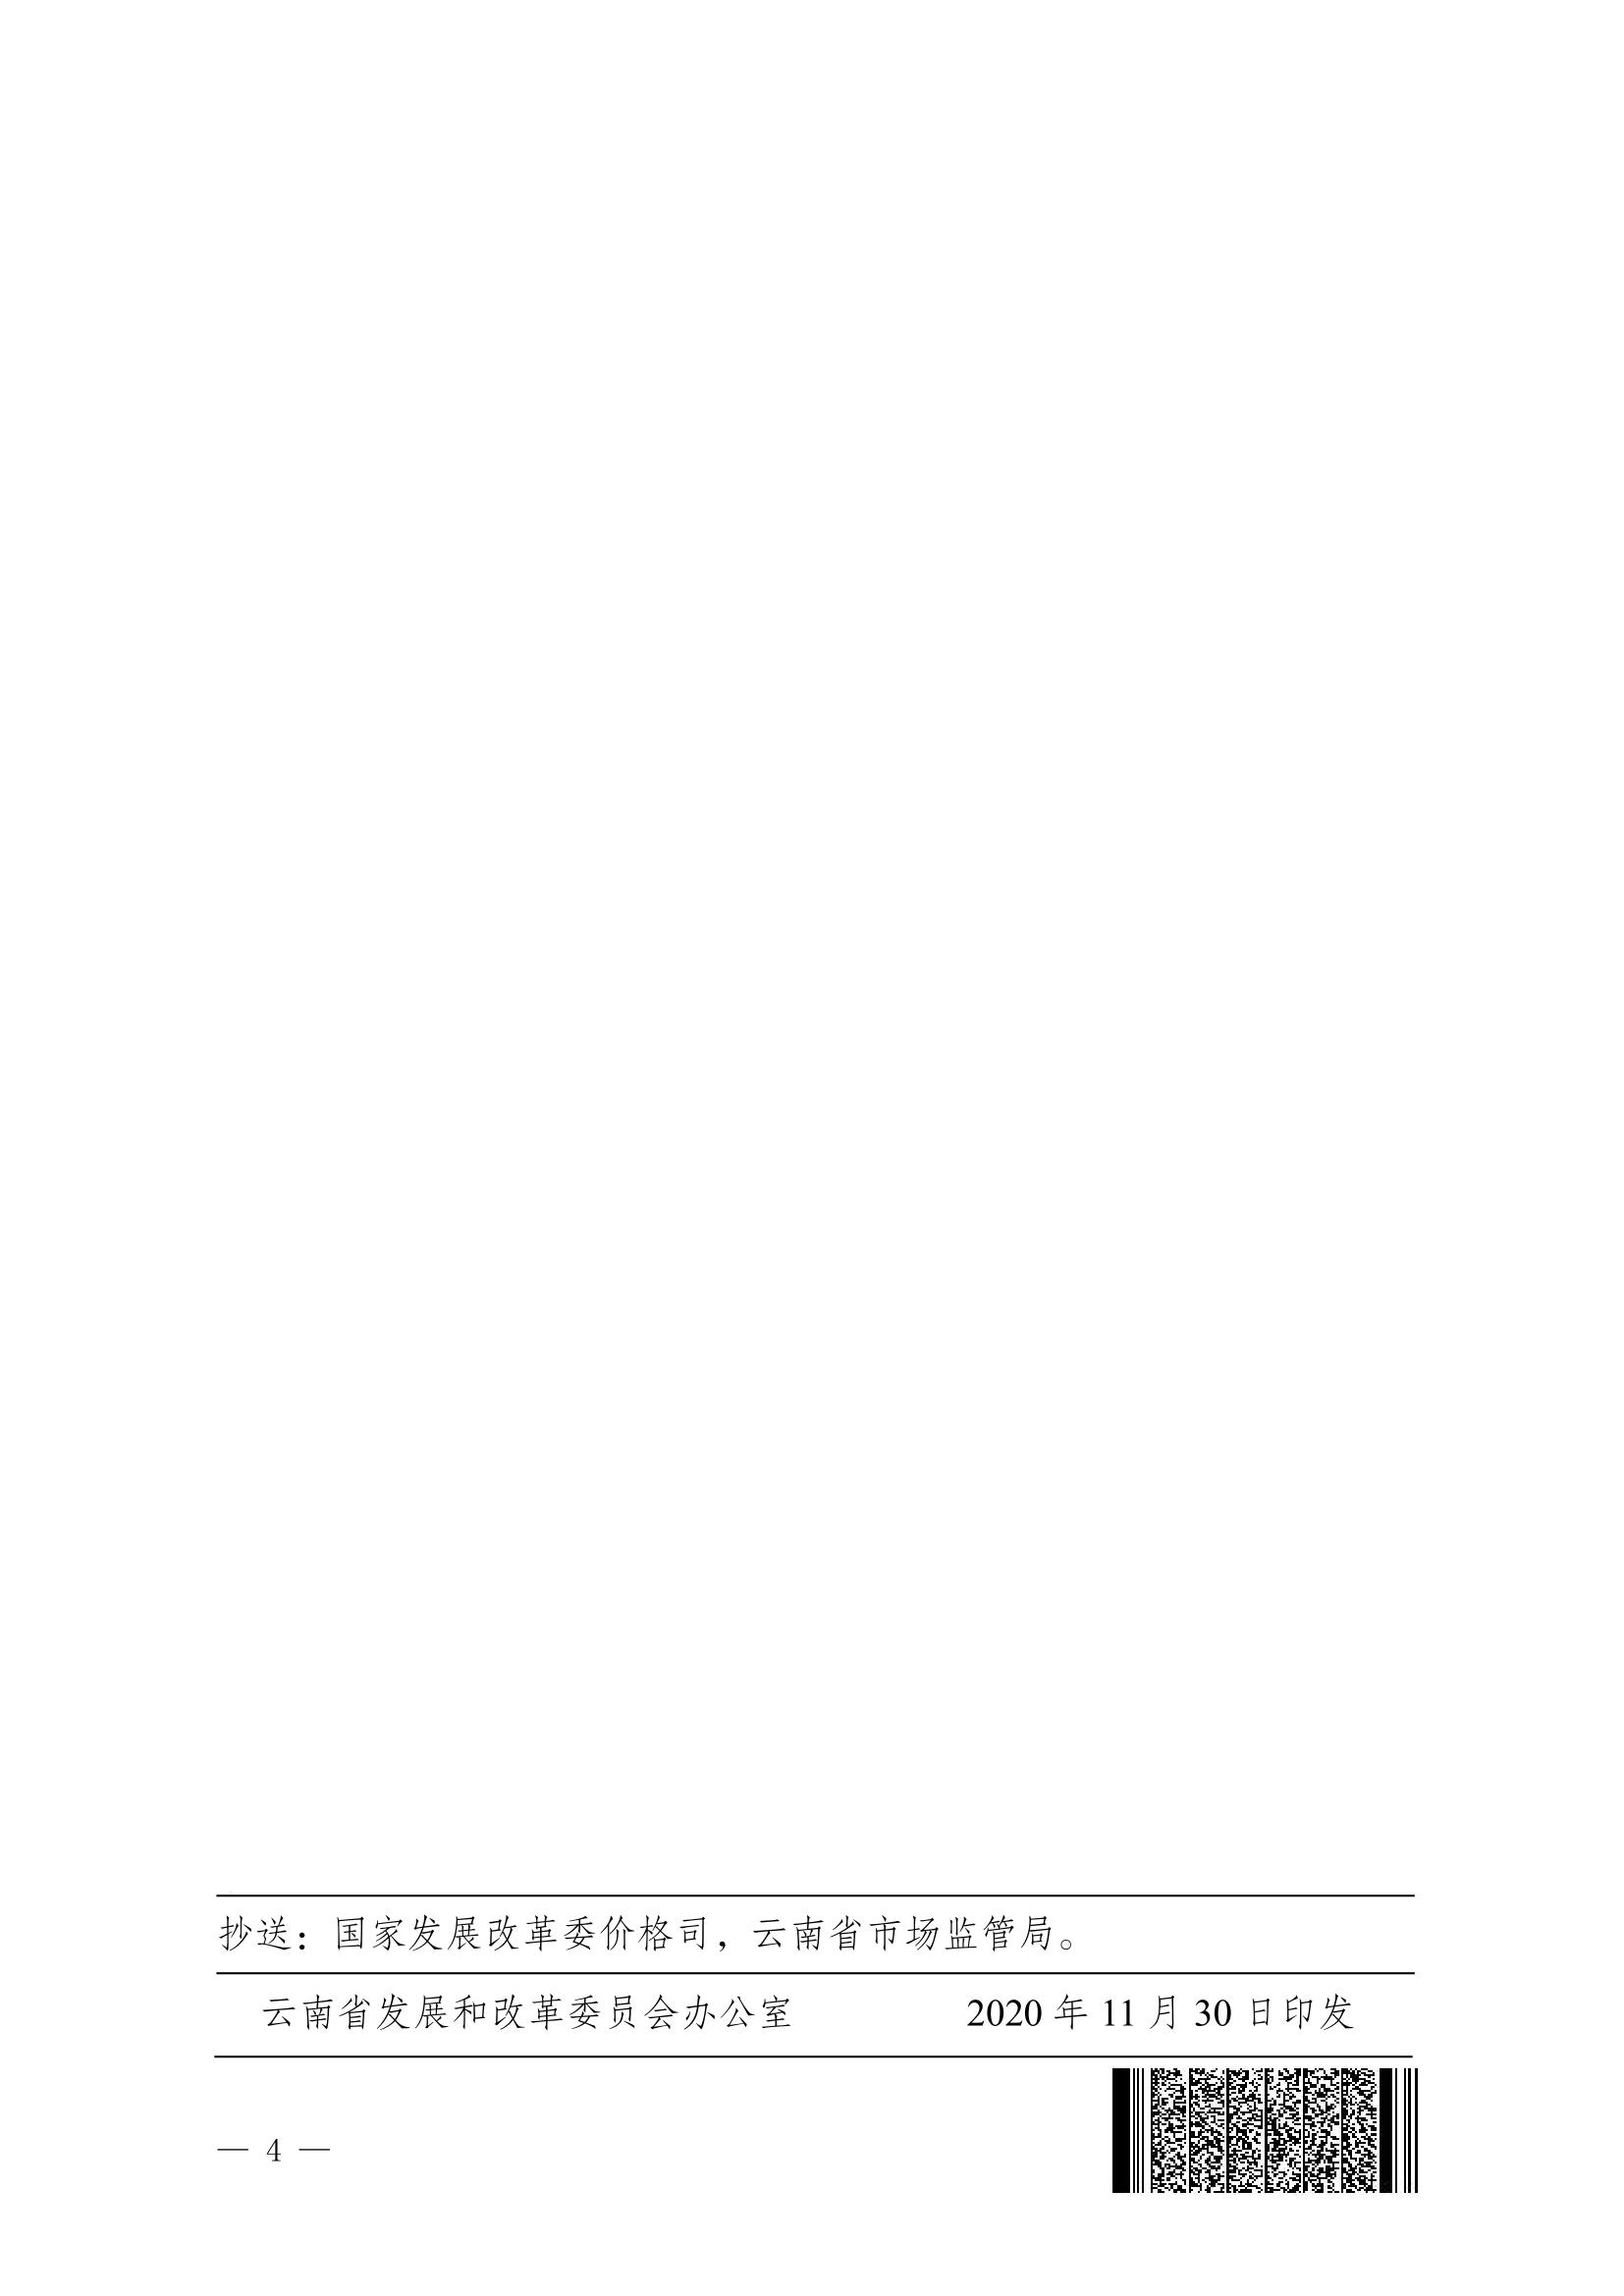 《云南省发展和改革委员会关于云南电网2020-2022年输配电价和销售电价有关事项的通知》(云发改物价〔2020〕1115号)_4.png